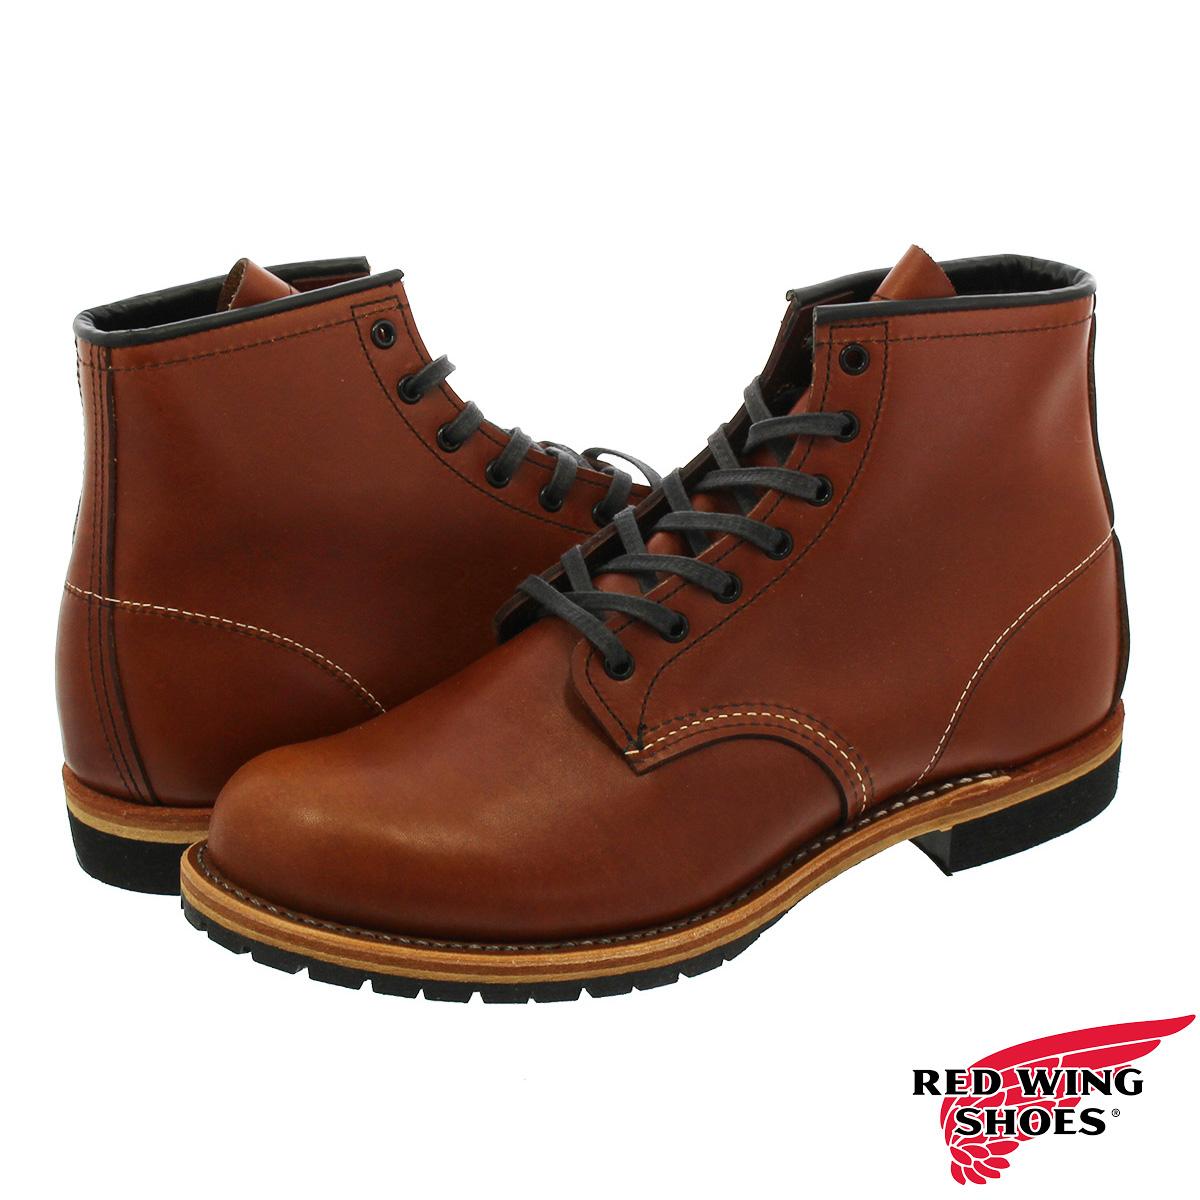 【ビッグ・スモールサイズ】 RED WING 9016 BECKMAN BOOT レッドウイング ベックマン ブーツ CIGAR